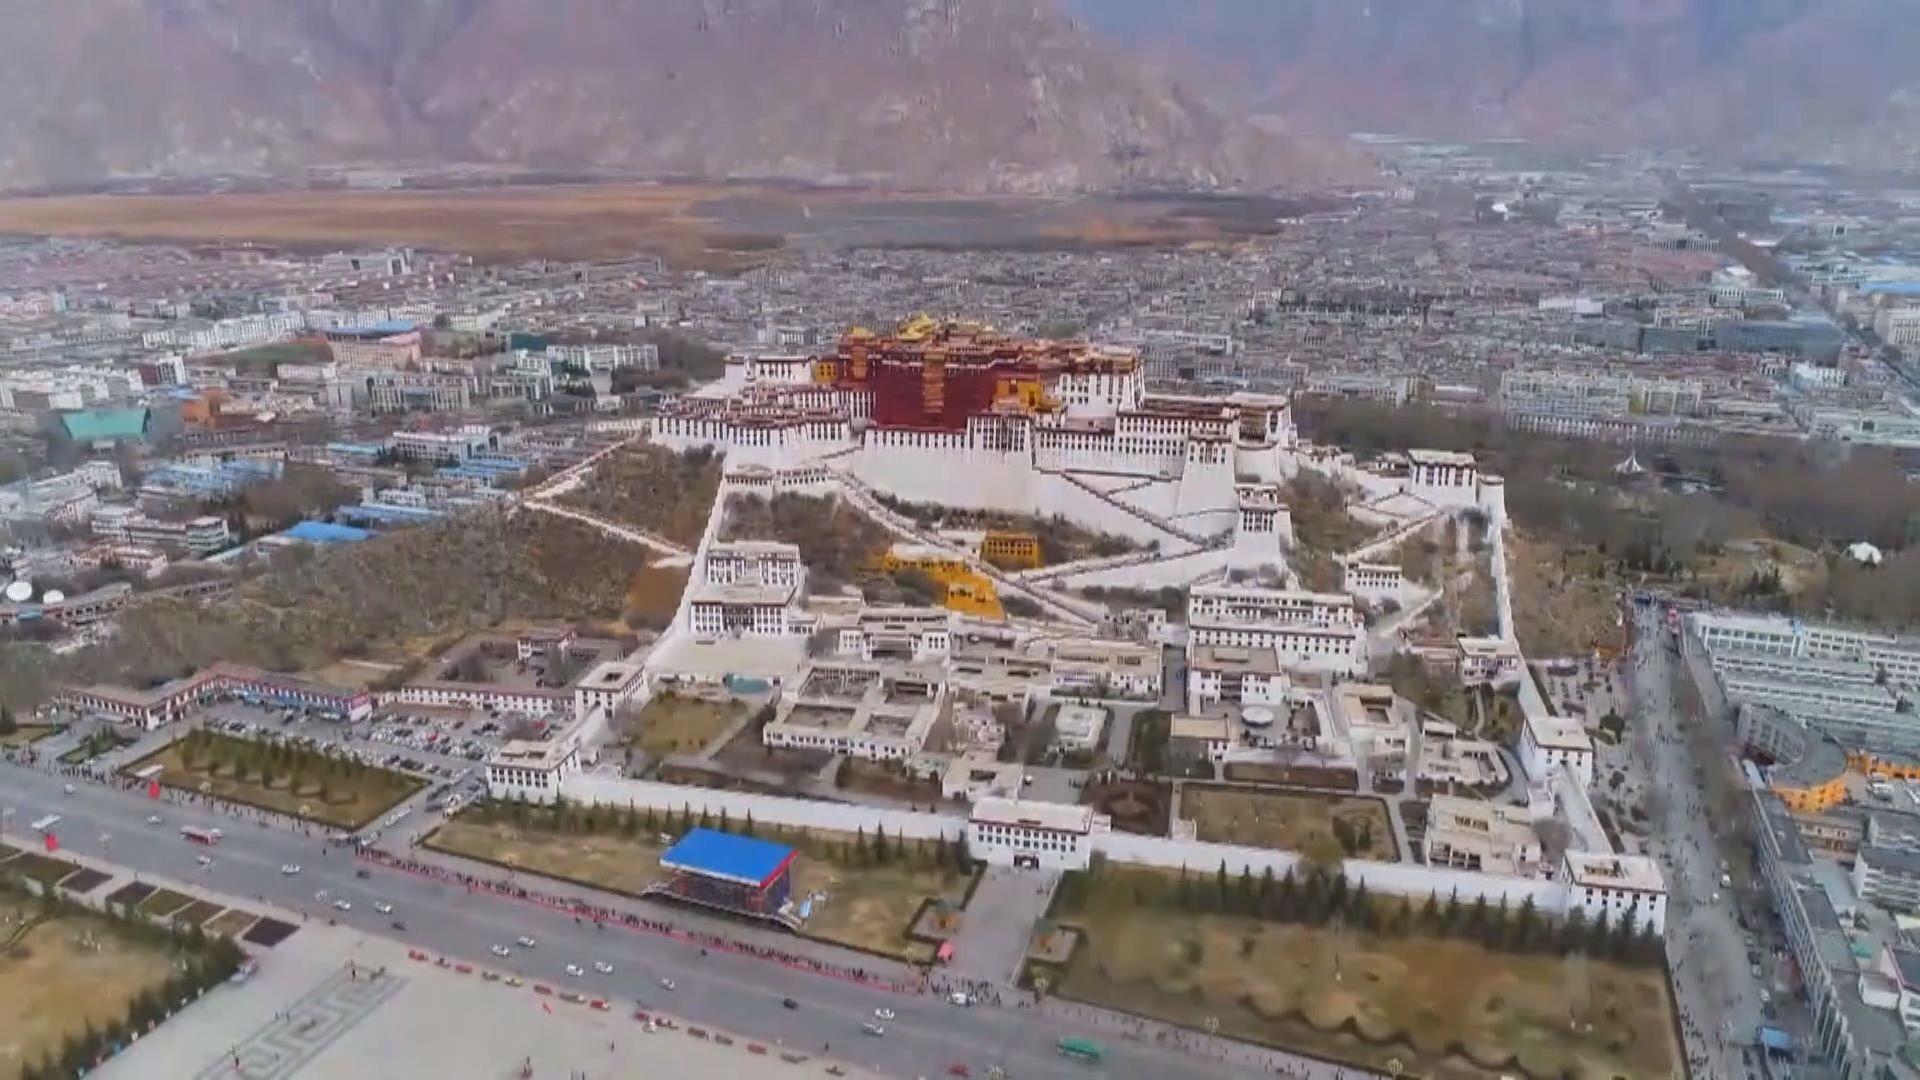 西藏被指仿效新疆設軍事化培訓中心 外交部強烈否認